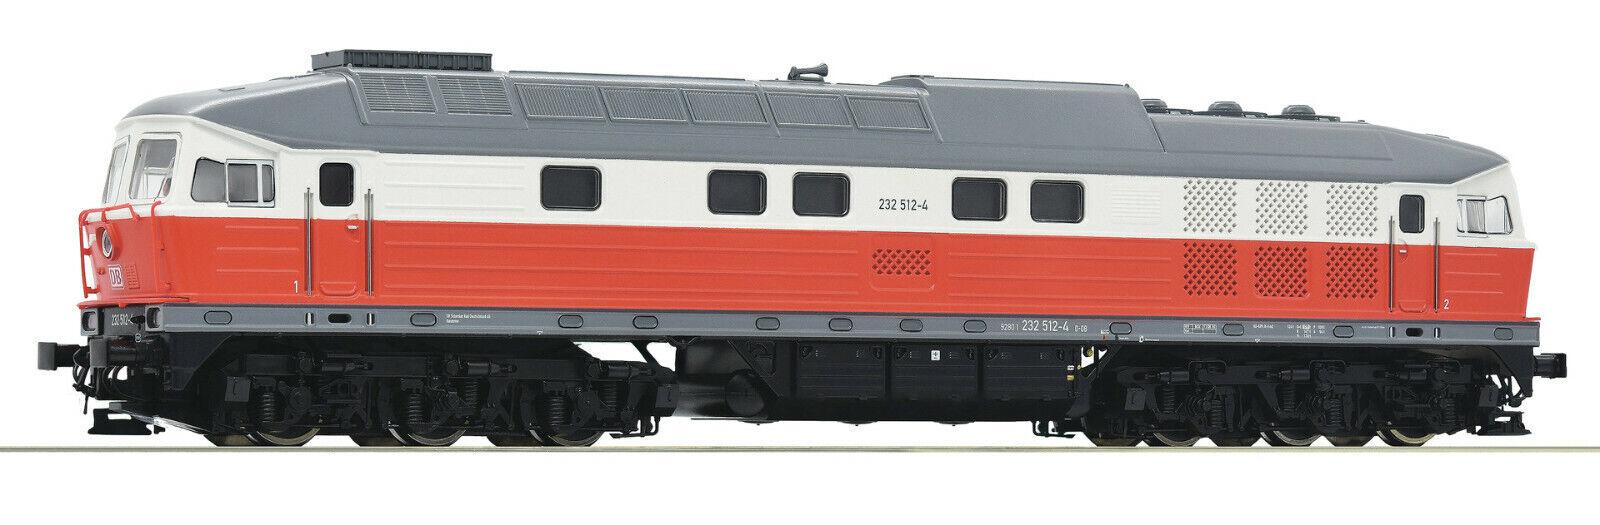 mejor opcion Roco H0 58505 - 232-512-4 diesel locomotora, locomotora, locomotora, DB AG, digital, sonido, AC nuevos productos  punto de venta barato